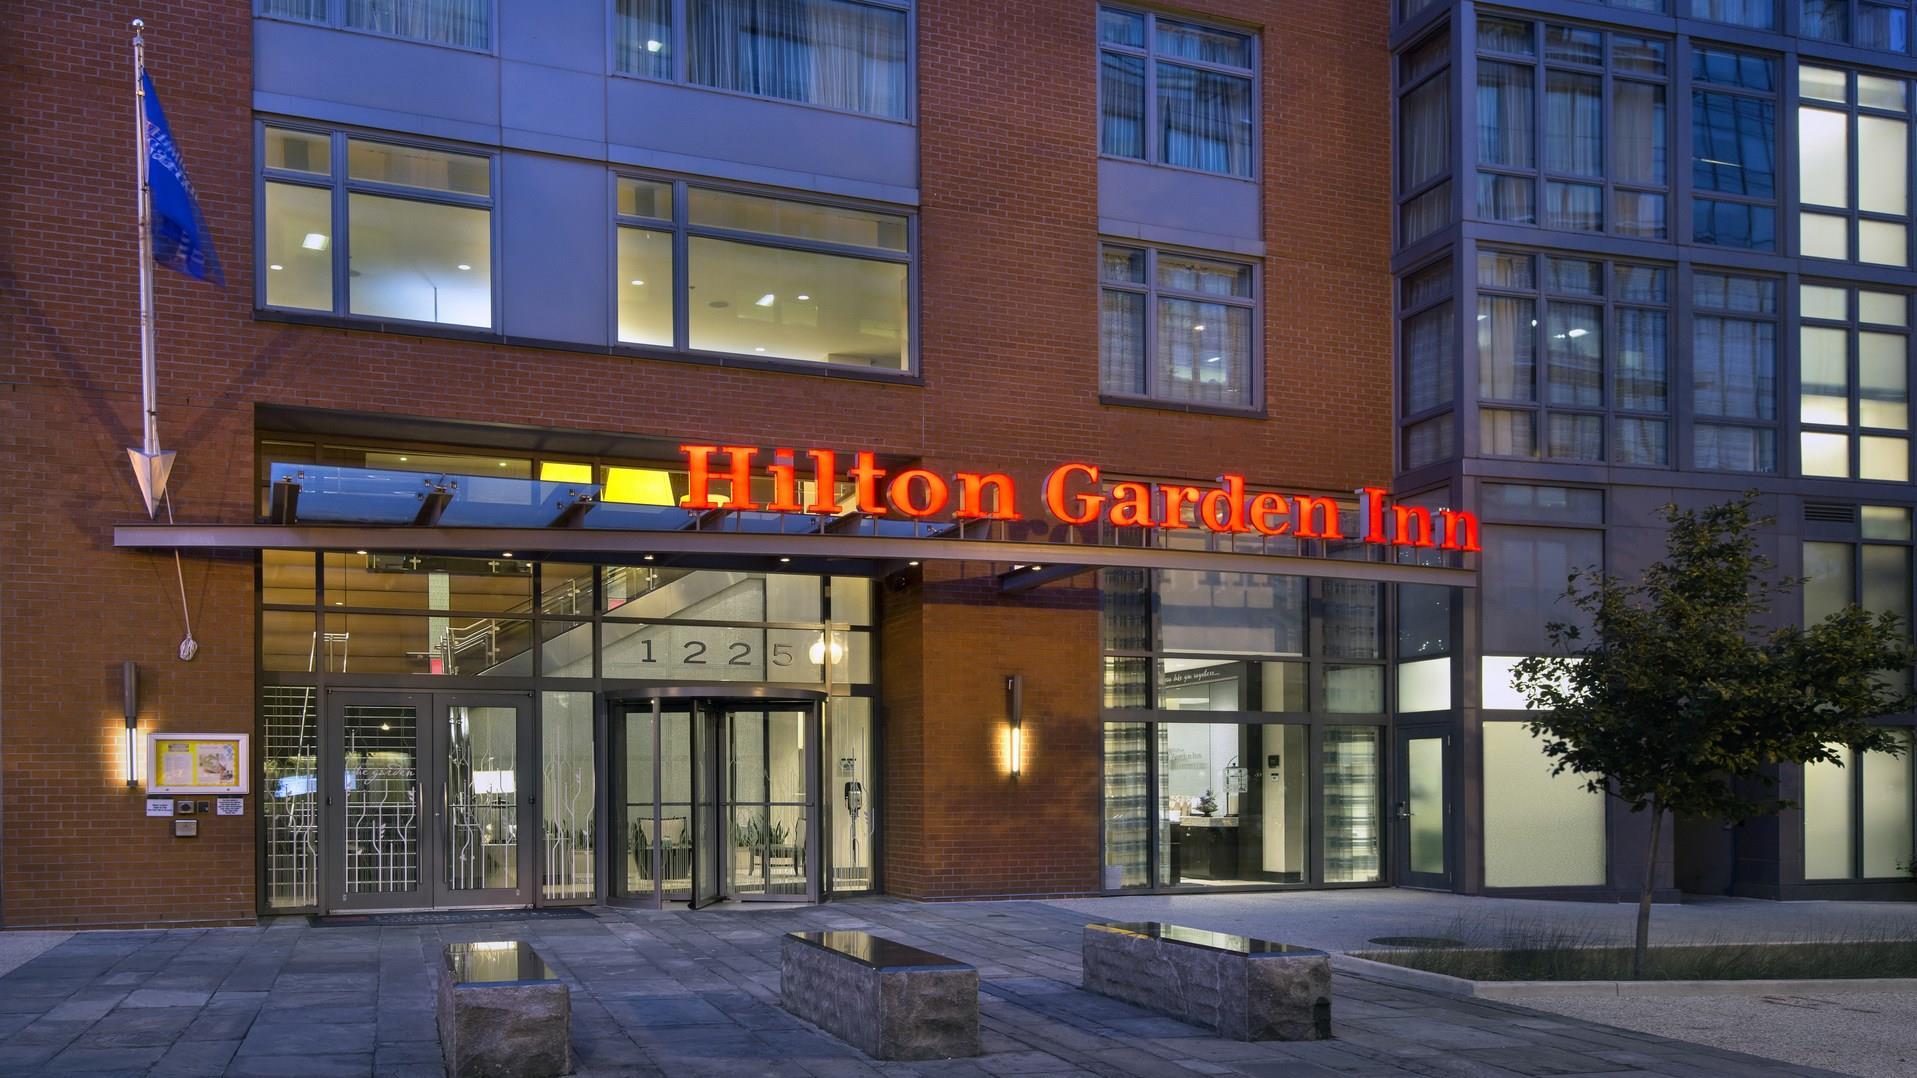 hilton garden inn washington dcus capitol - Hilton Garden Inn Dc